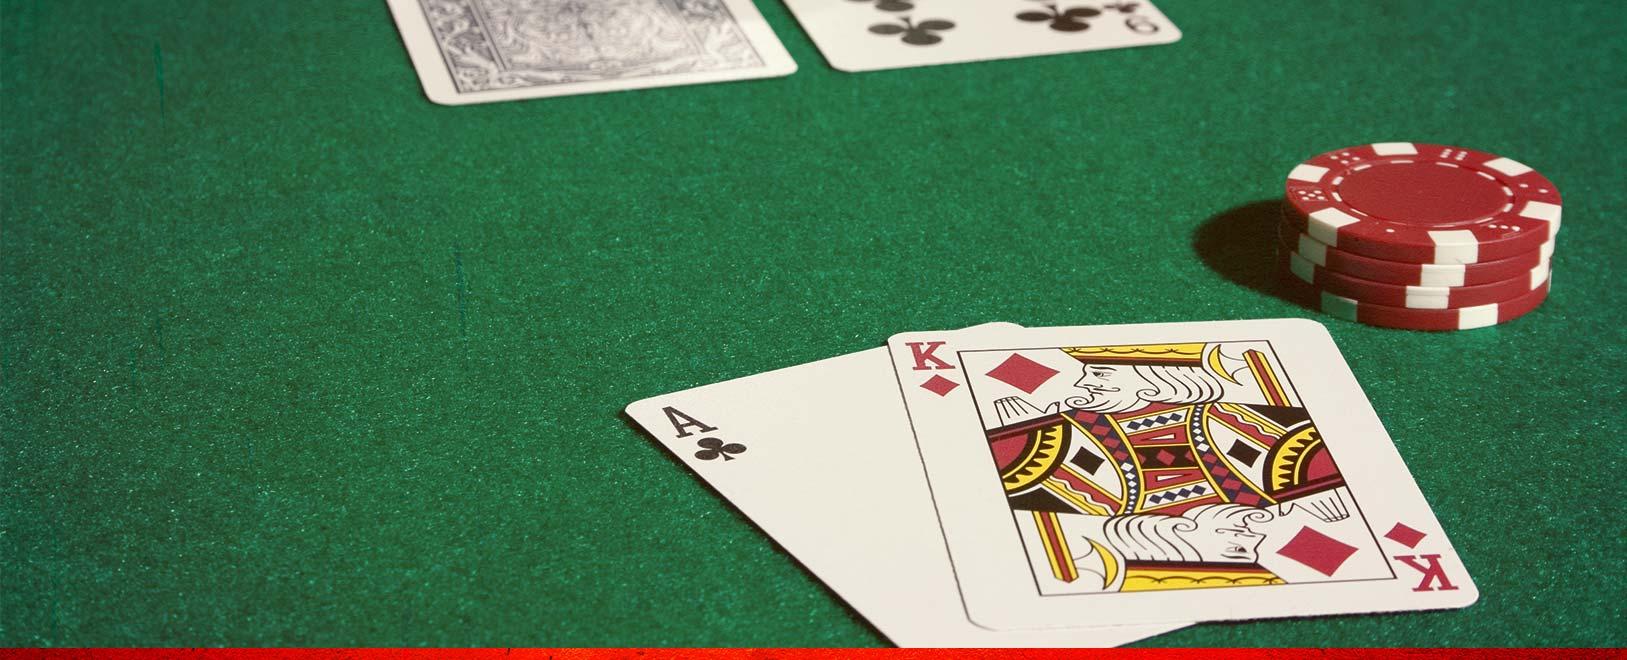 Casino best poker casino pokerguide capri casino shreveport la